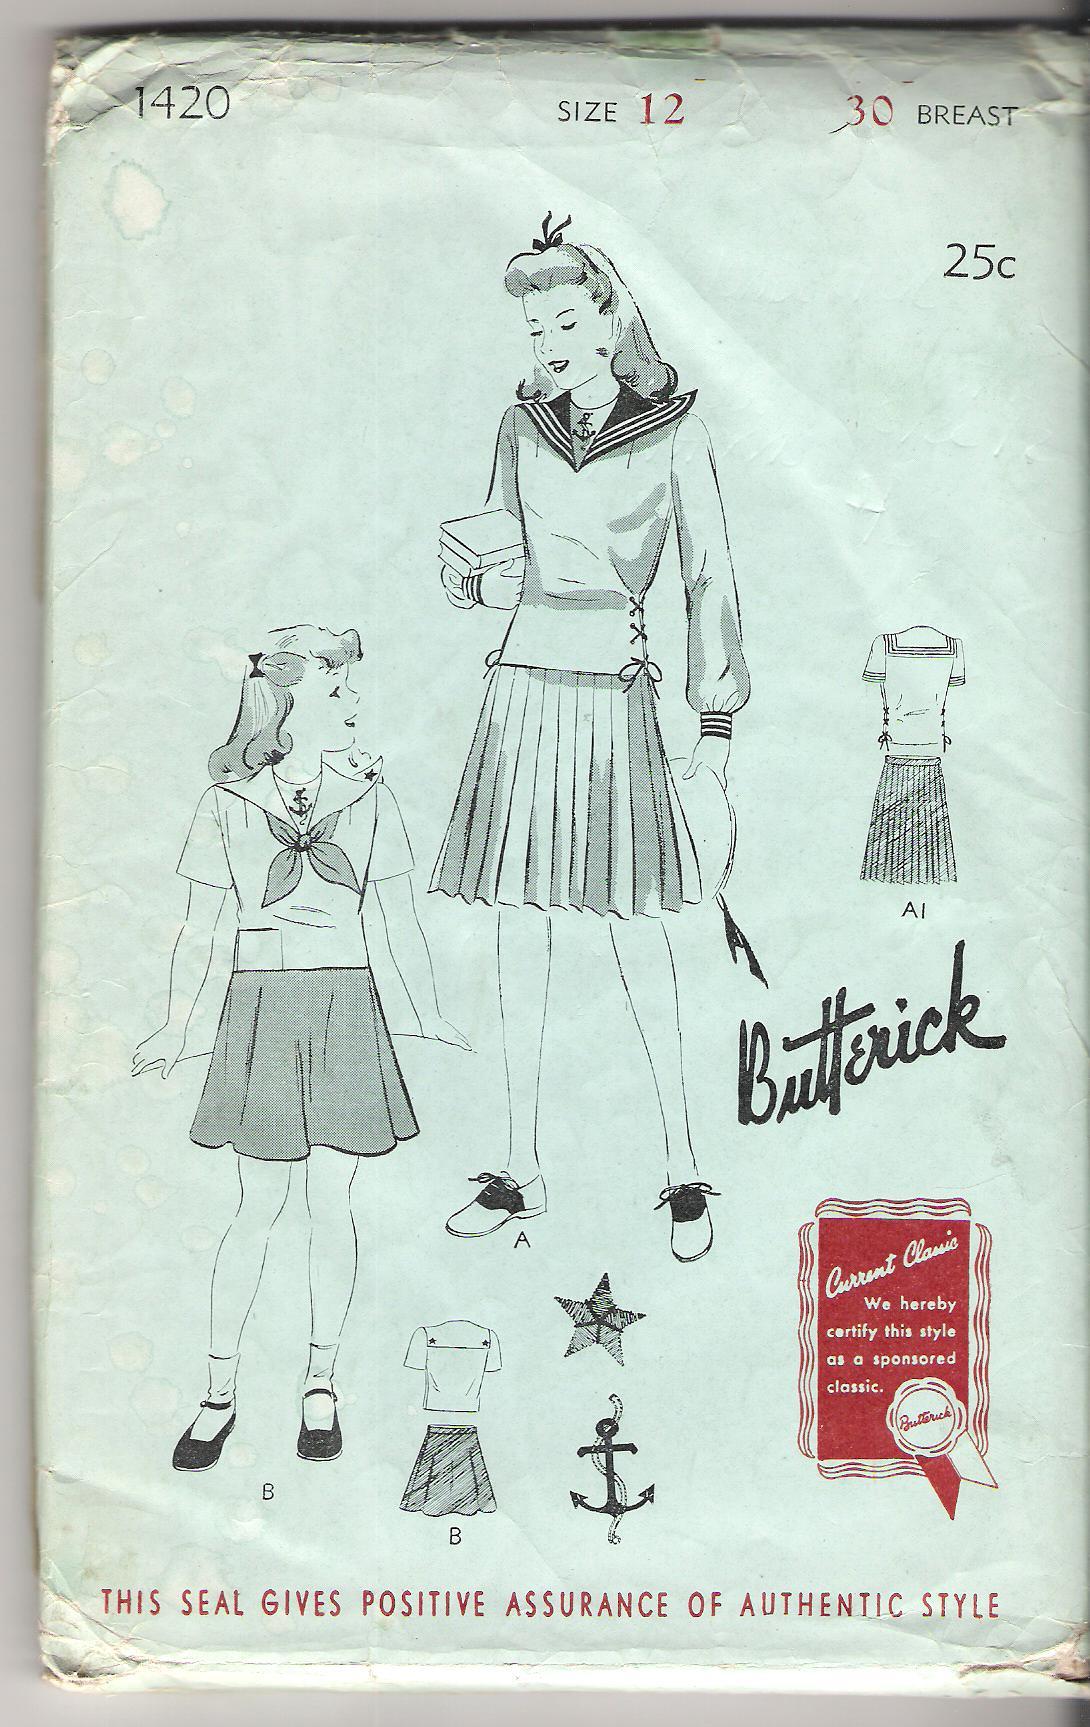 Butterick 1420